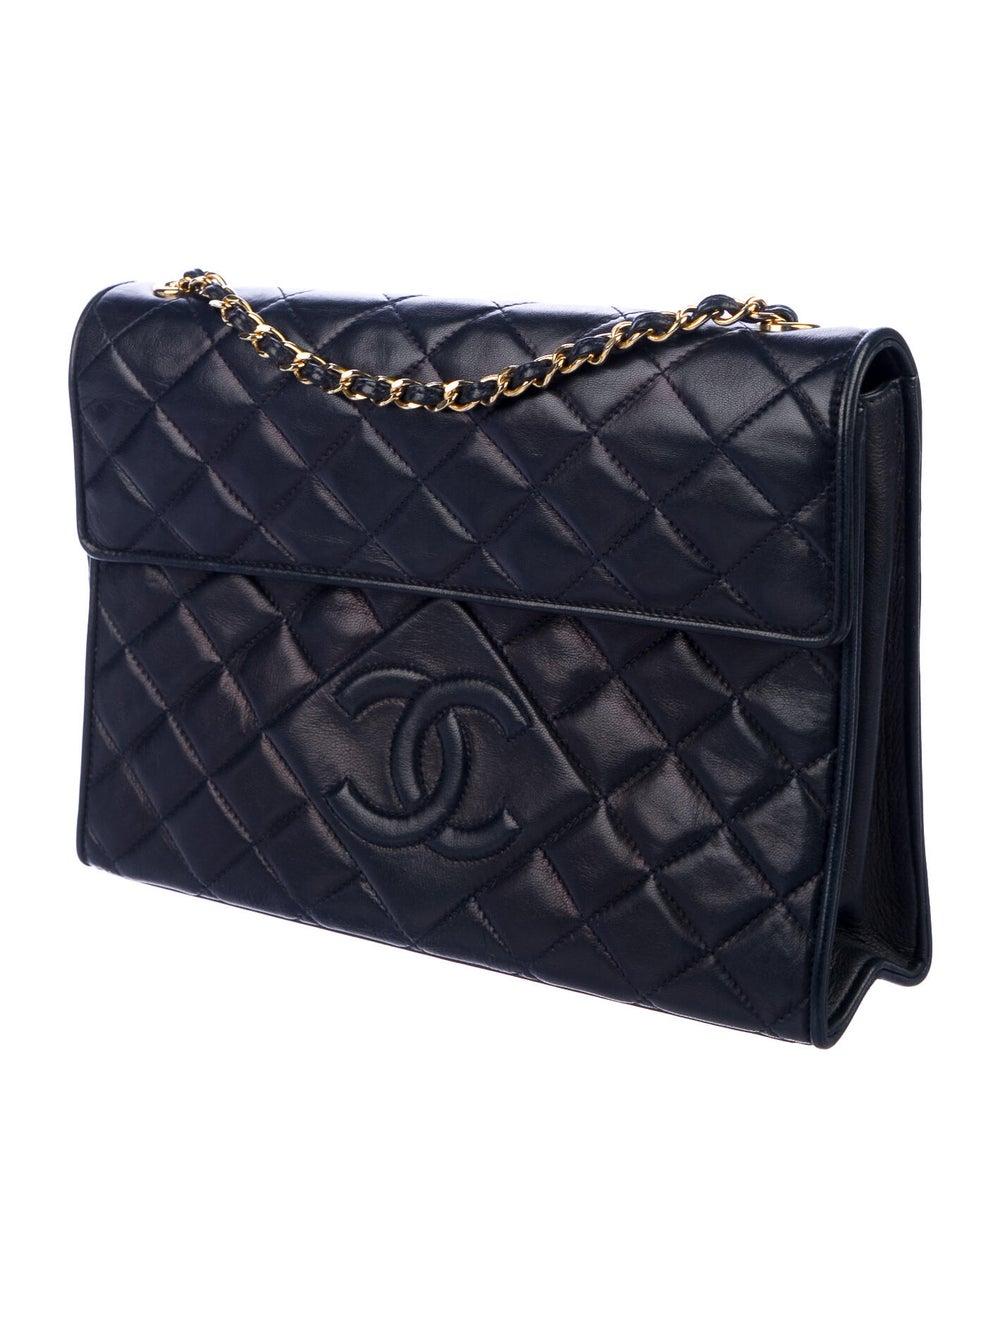 Chanel Vintage Tassel Flap Bag Blue - image 3